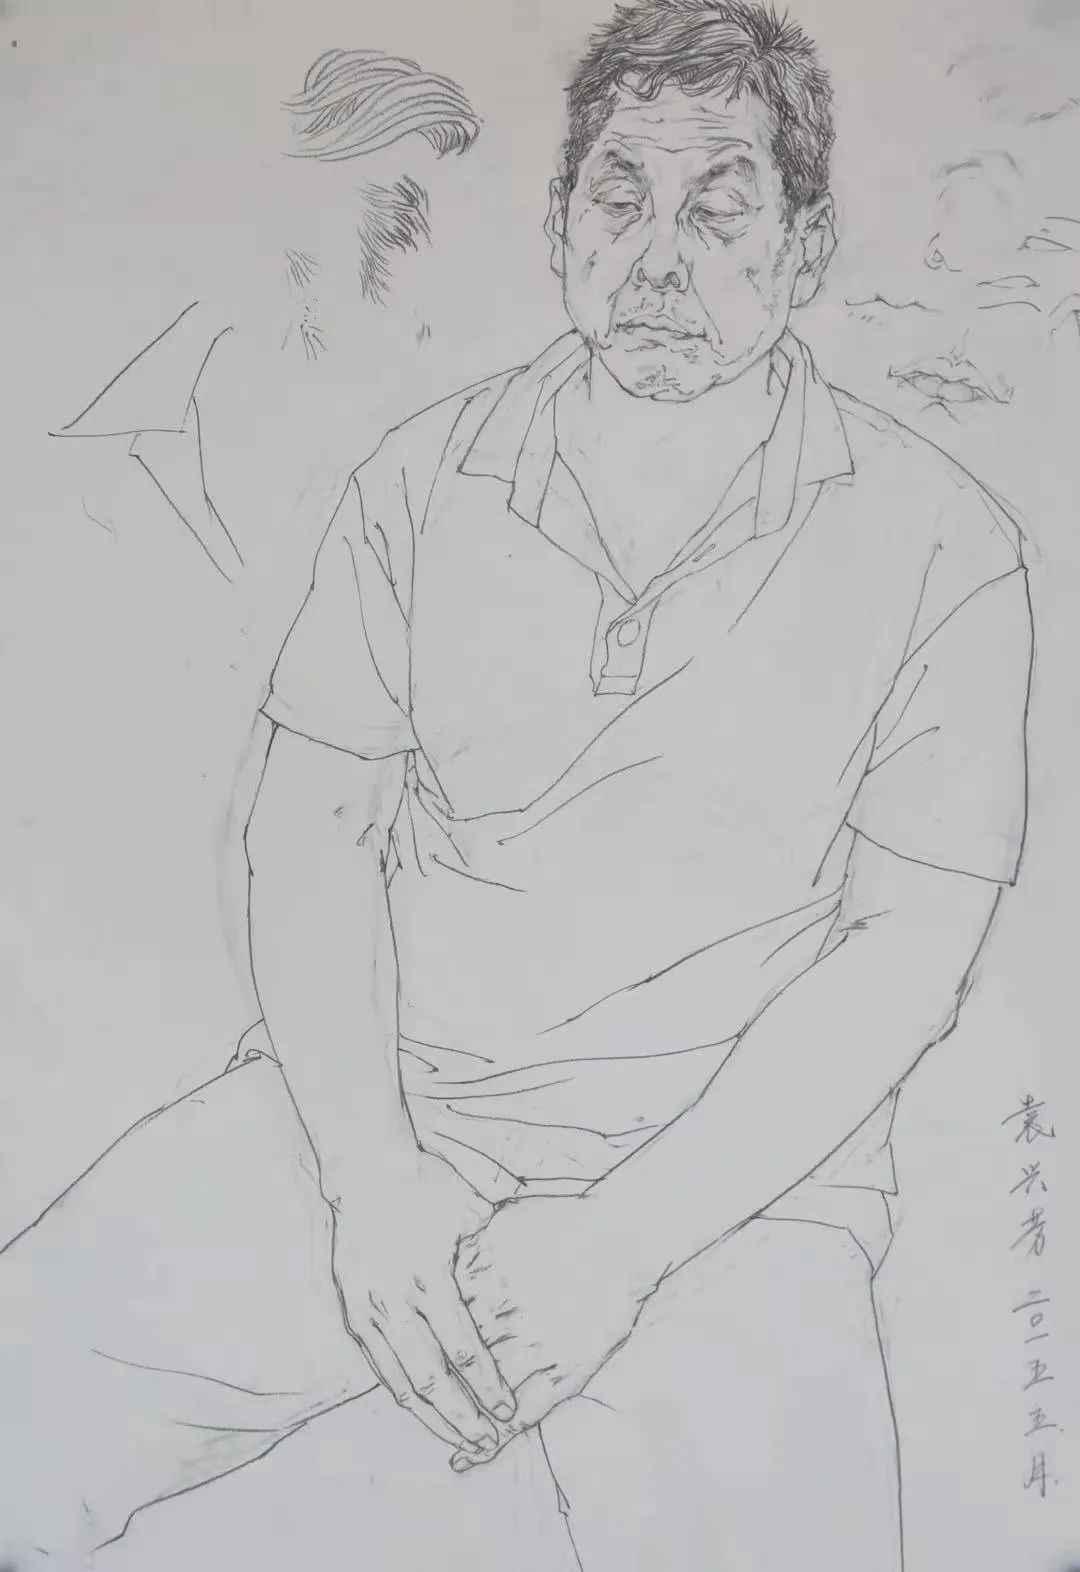 杭州画室集训班速写名师——袁兴芳作品集,05